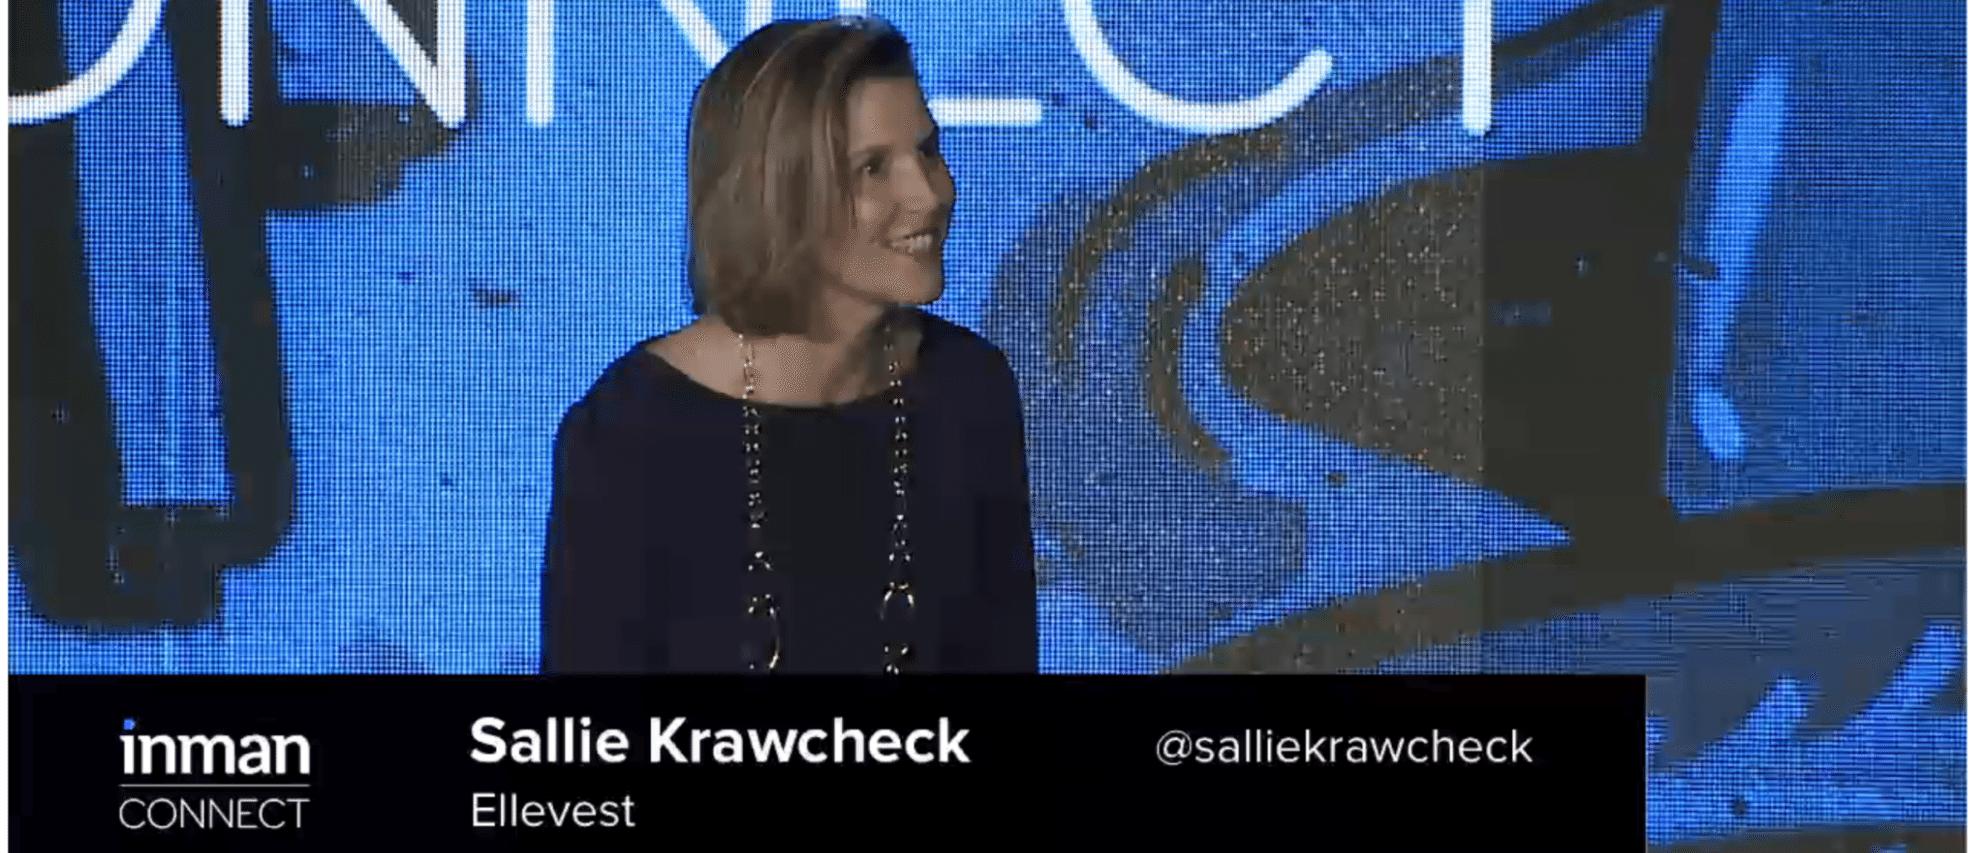 sallie krawchek